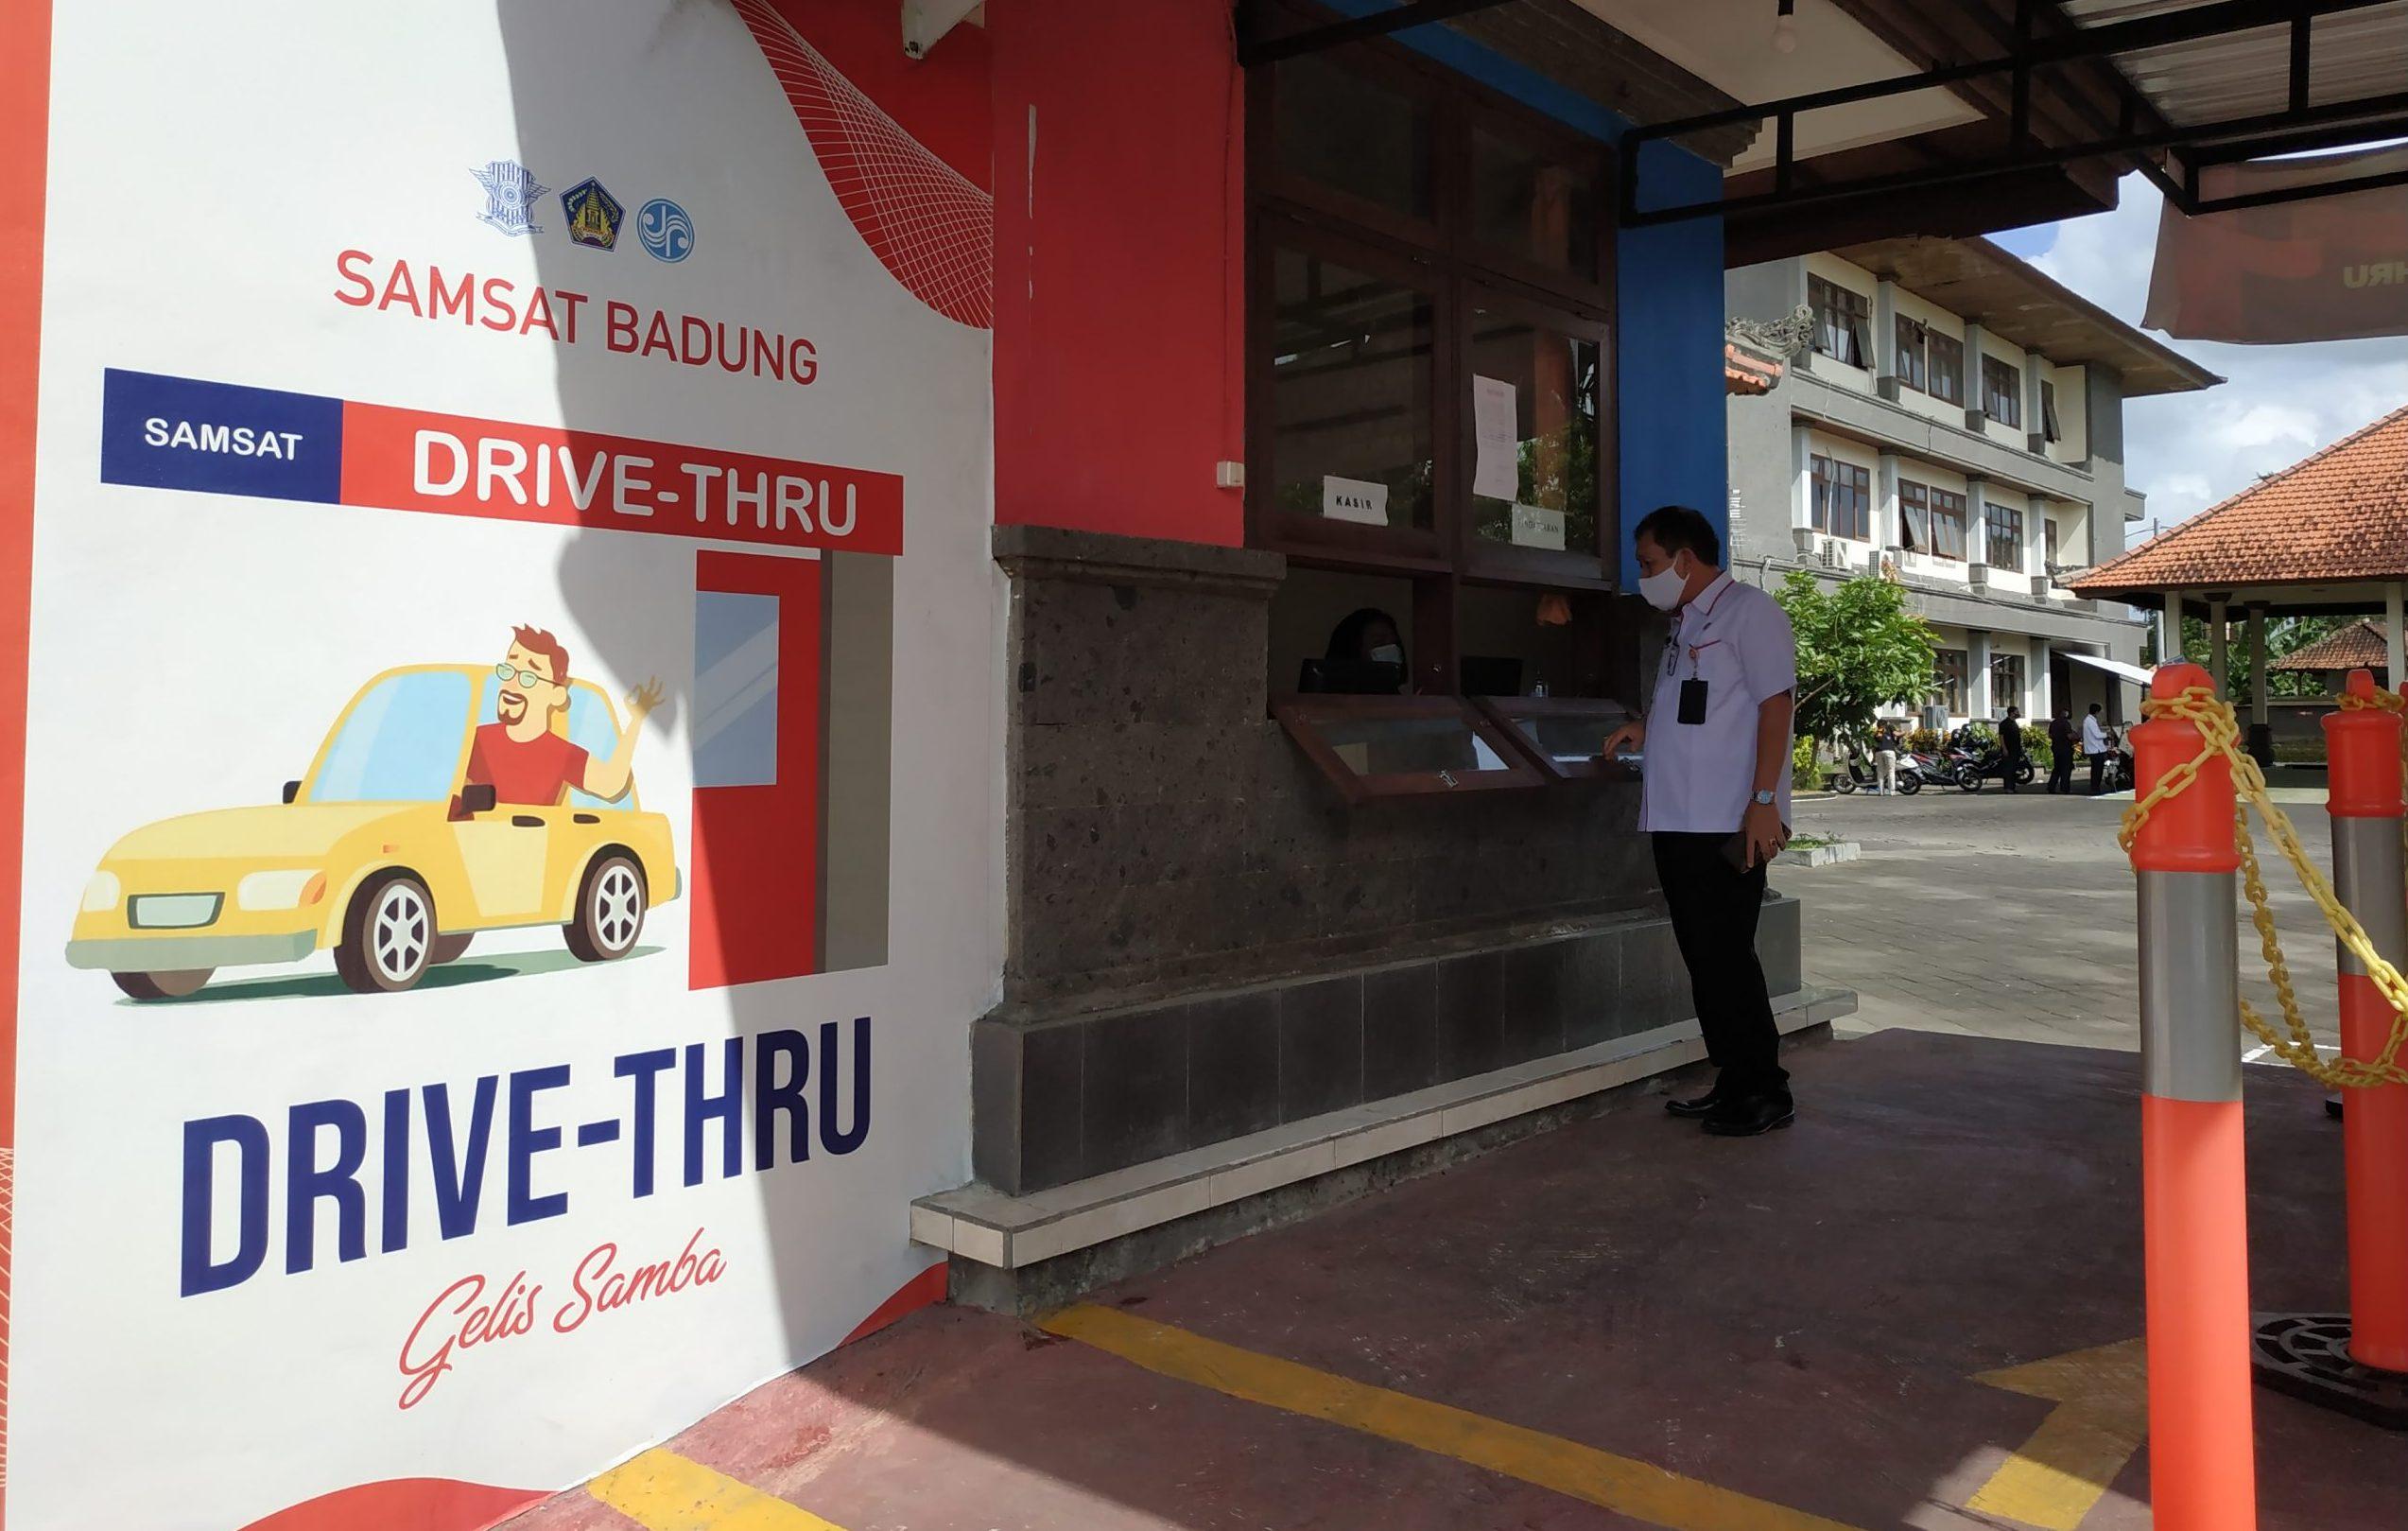 KEPALA UPTD Samsat Mengwi, I Made Ardana, saat memastikan layanan drive thru berjalan dengan optimal. Foto: nas